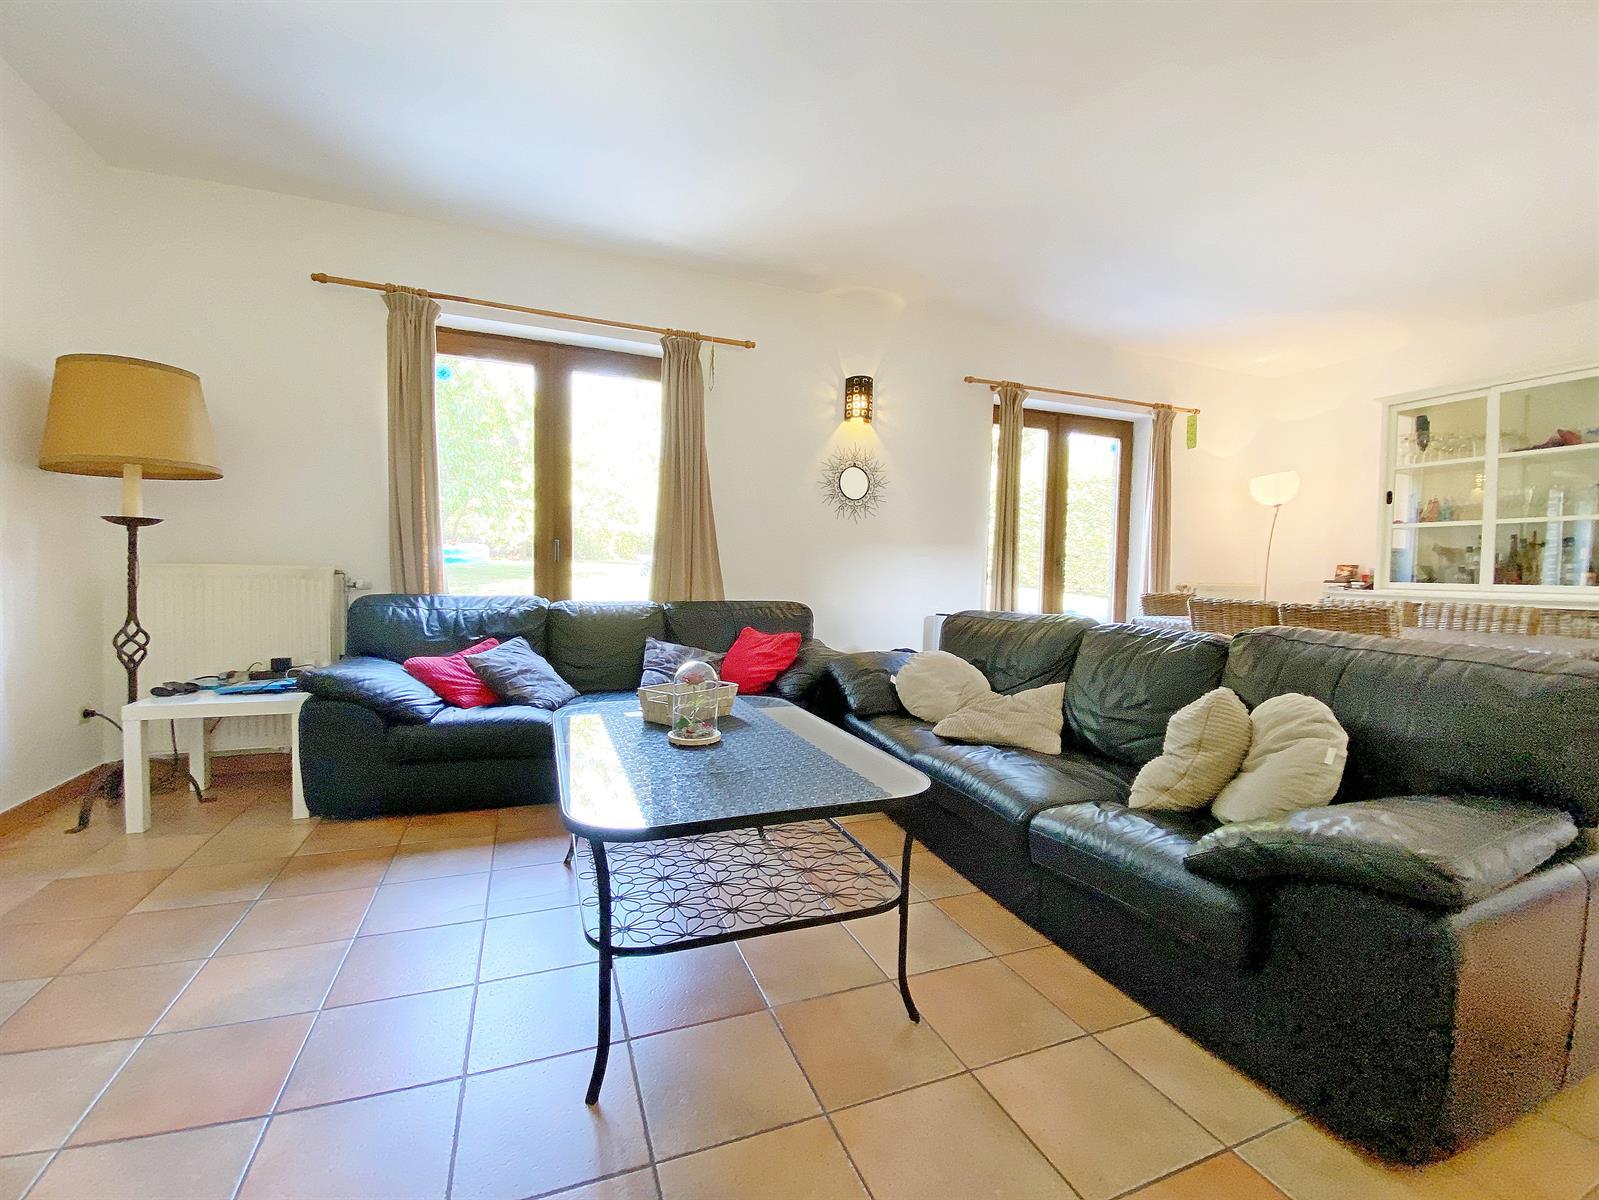 Maison - Aische-en-Refail - #4183531-5